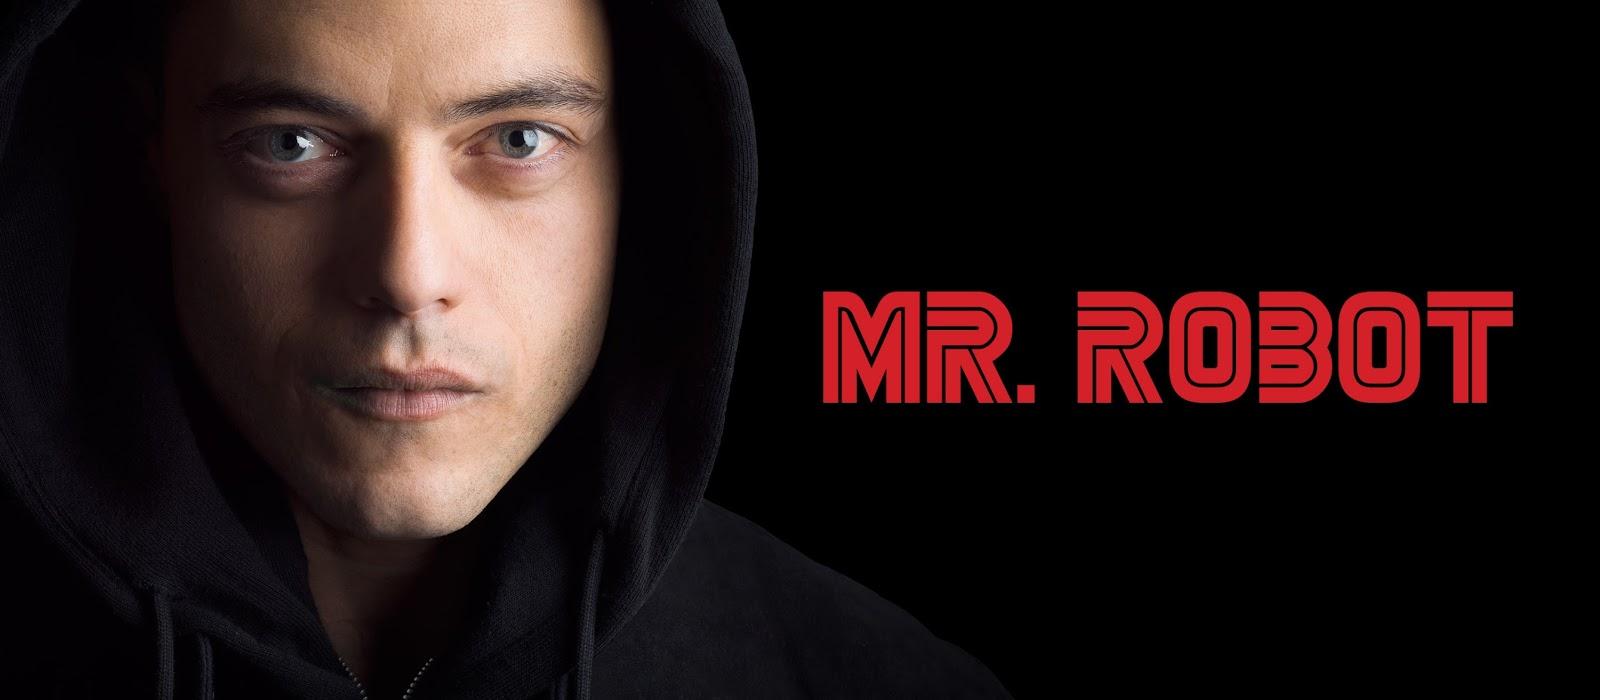 Mr. Robot. Elliot